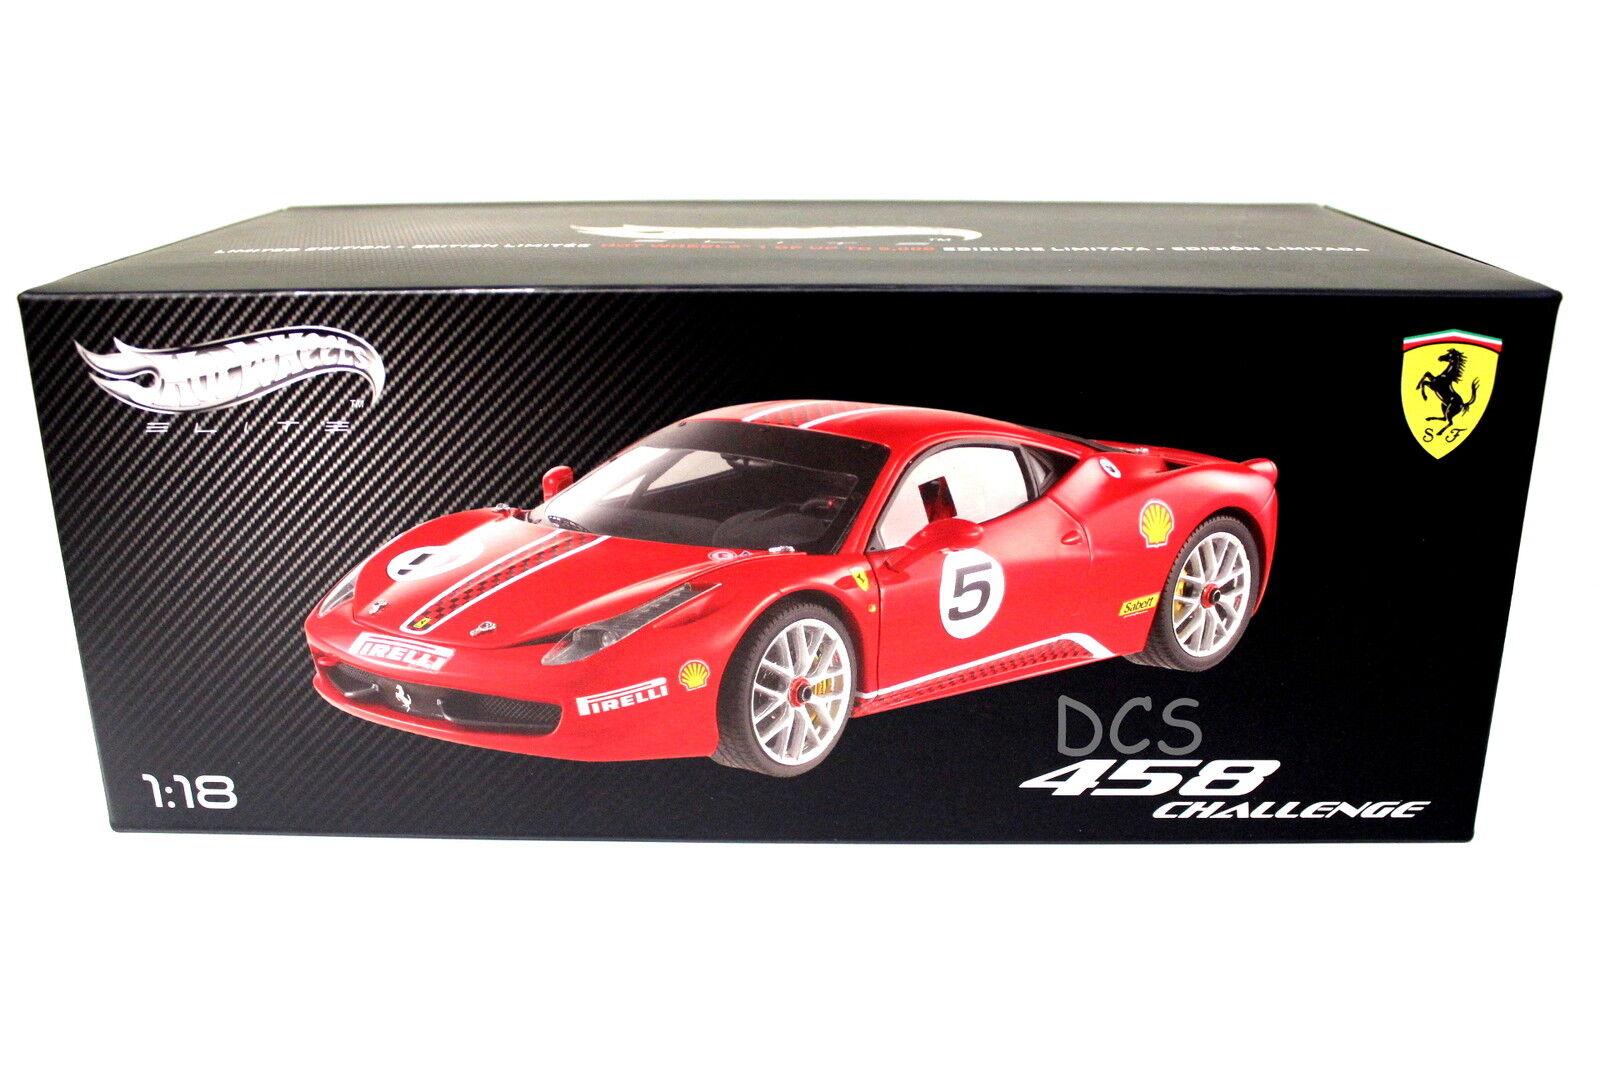 Elite Édition Ferrari 458 Italie Défi Rouge  5 1 18 Hotwheels